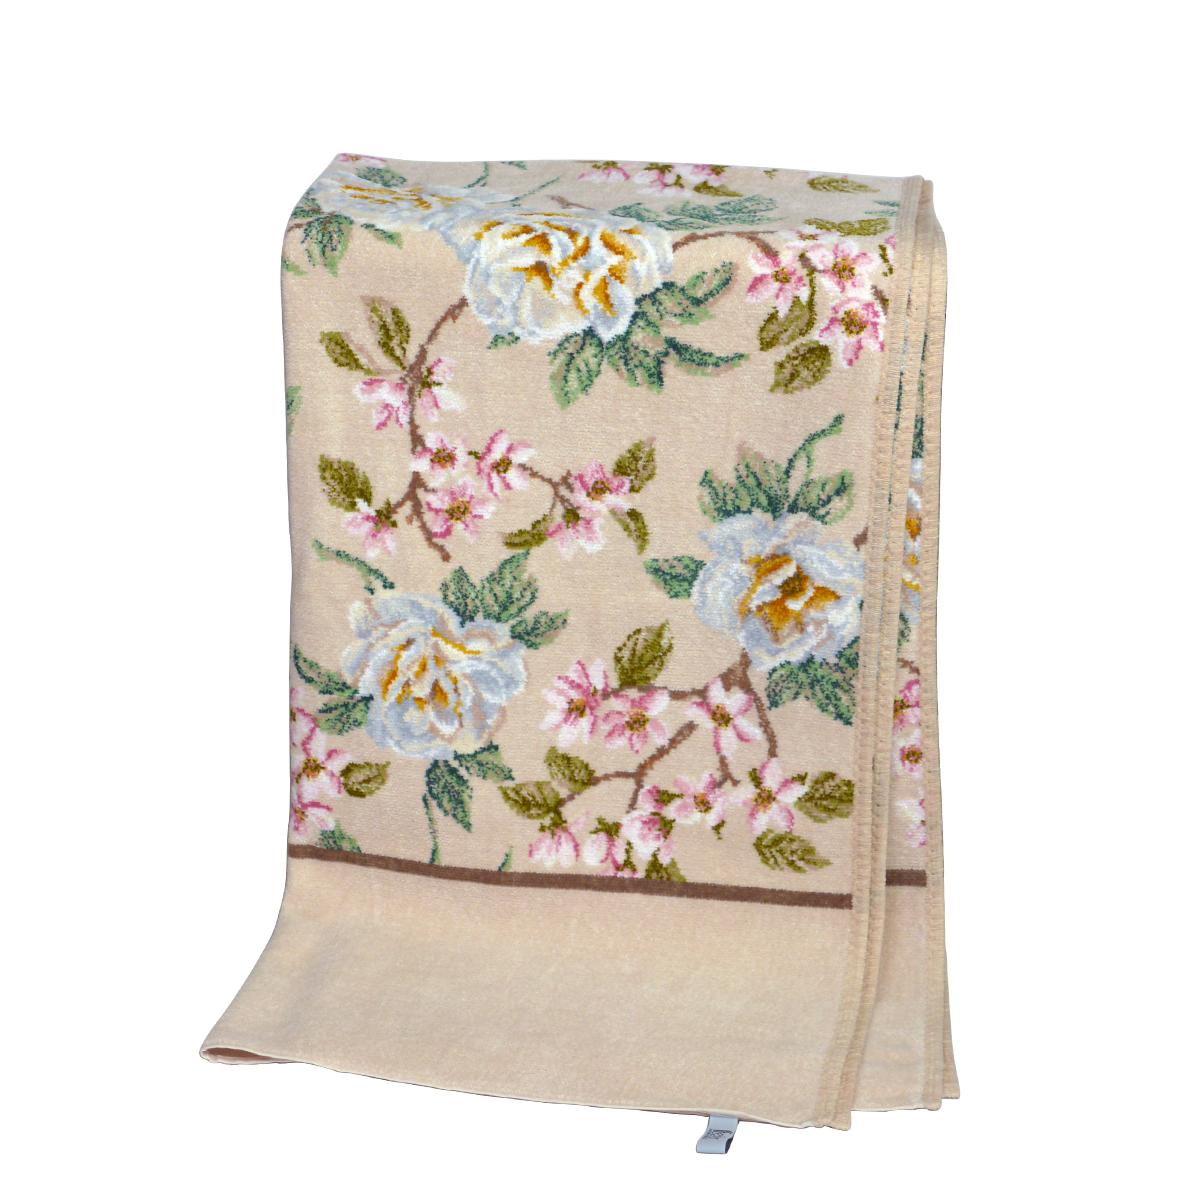 フェイラー バスタオル バニラローズ FEILER 75x150cm FEILER Chenille Bath Towel Vanilla Rose ギフトに最適 日用品雑貨 ギフト・のし可